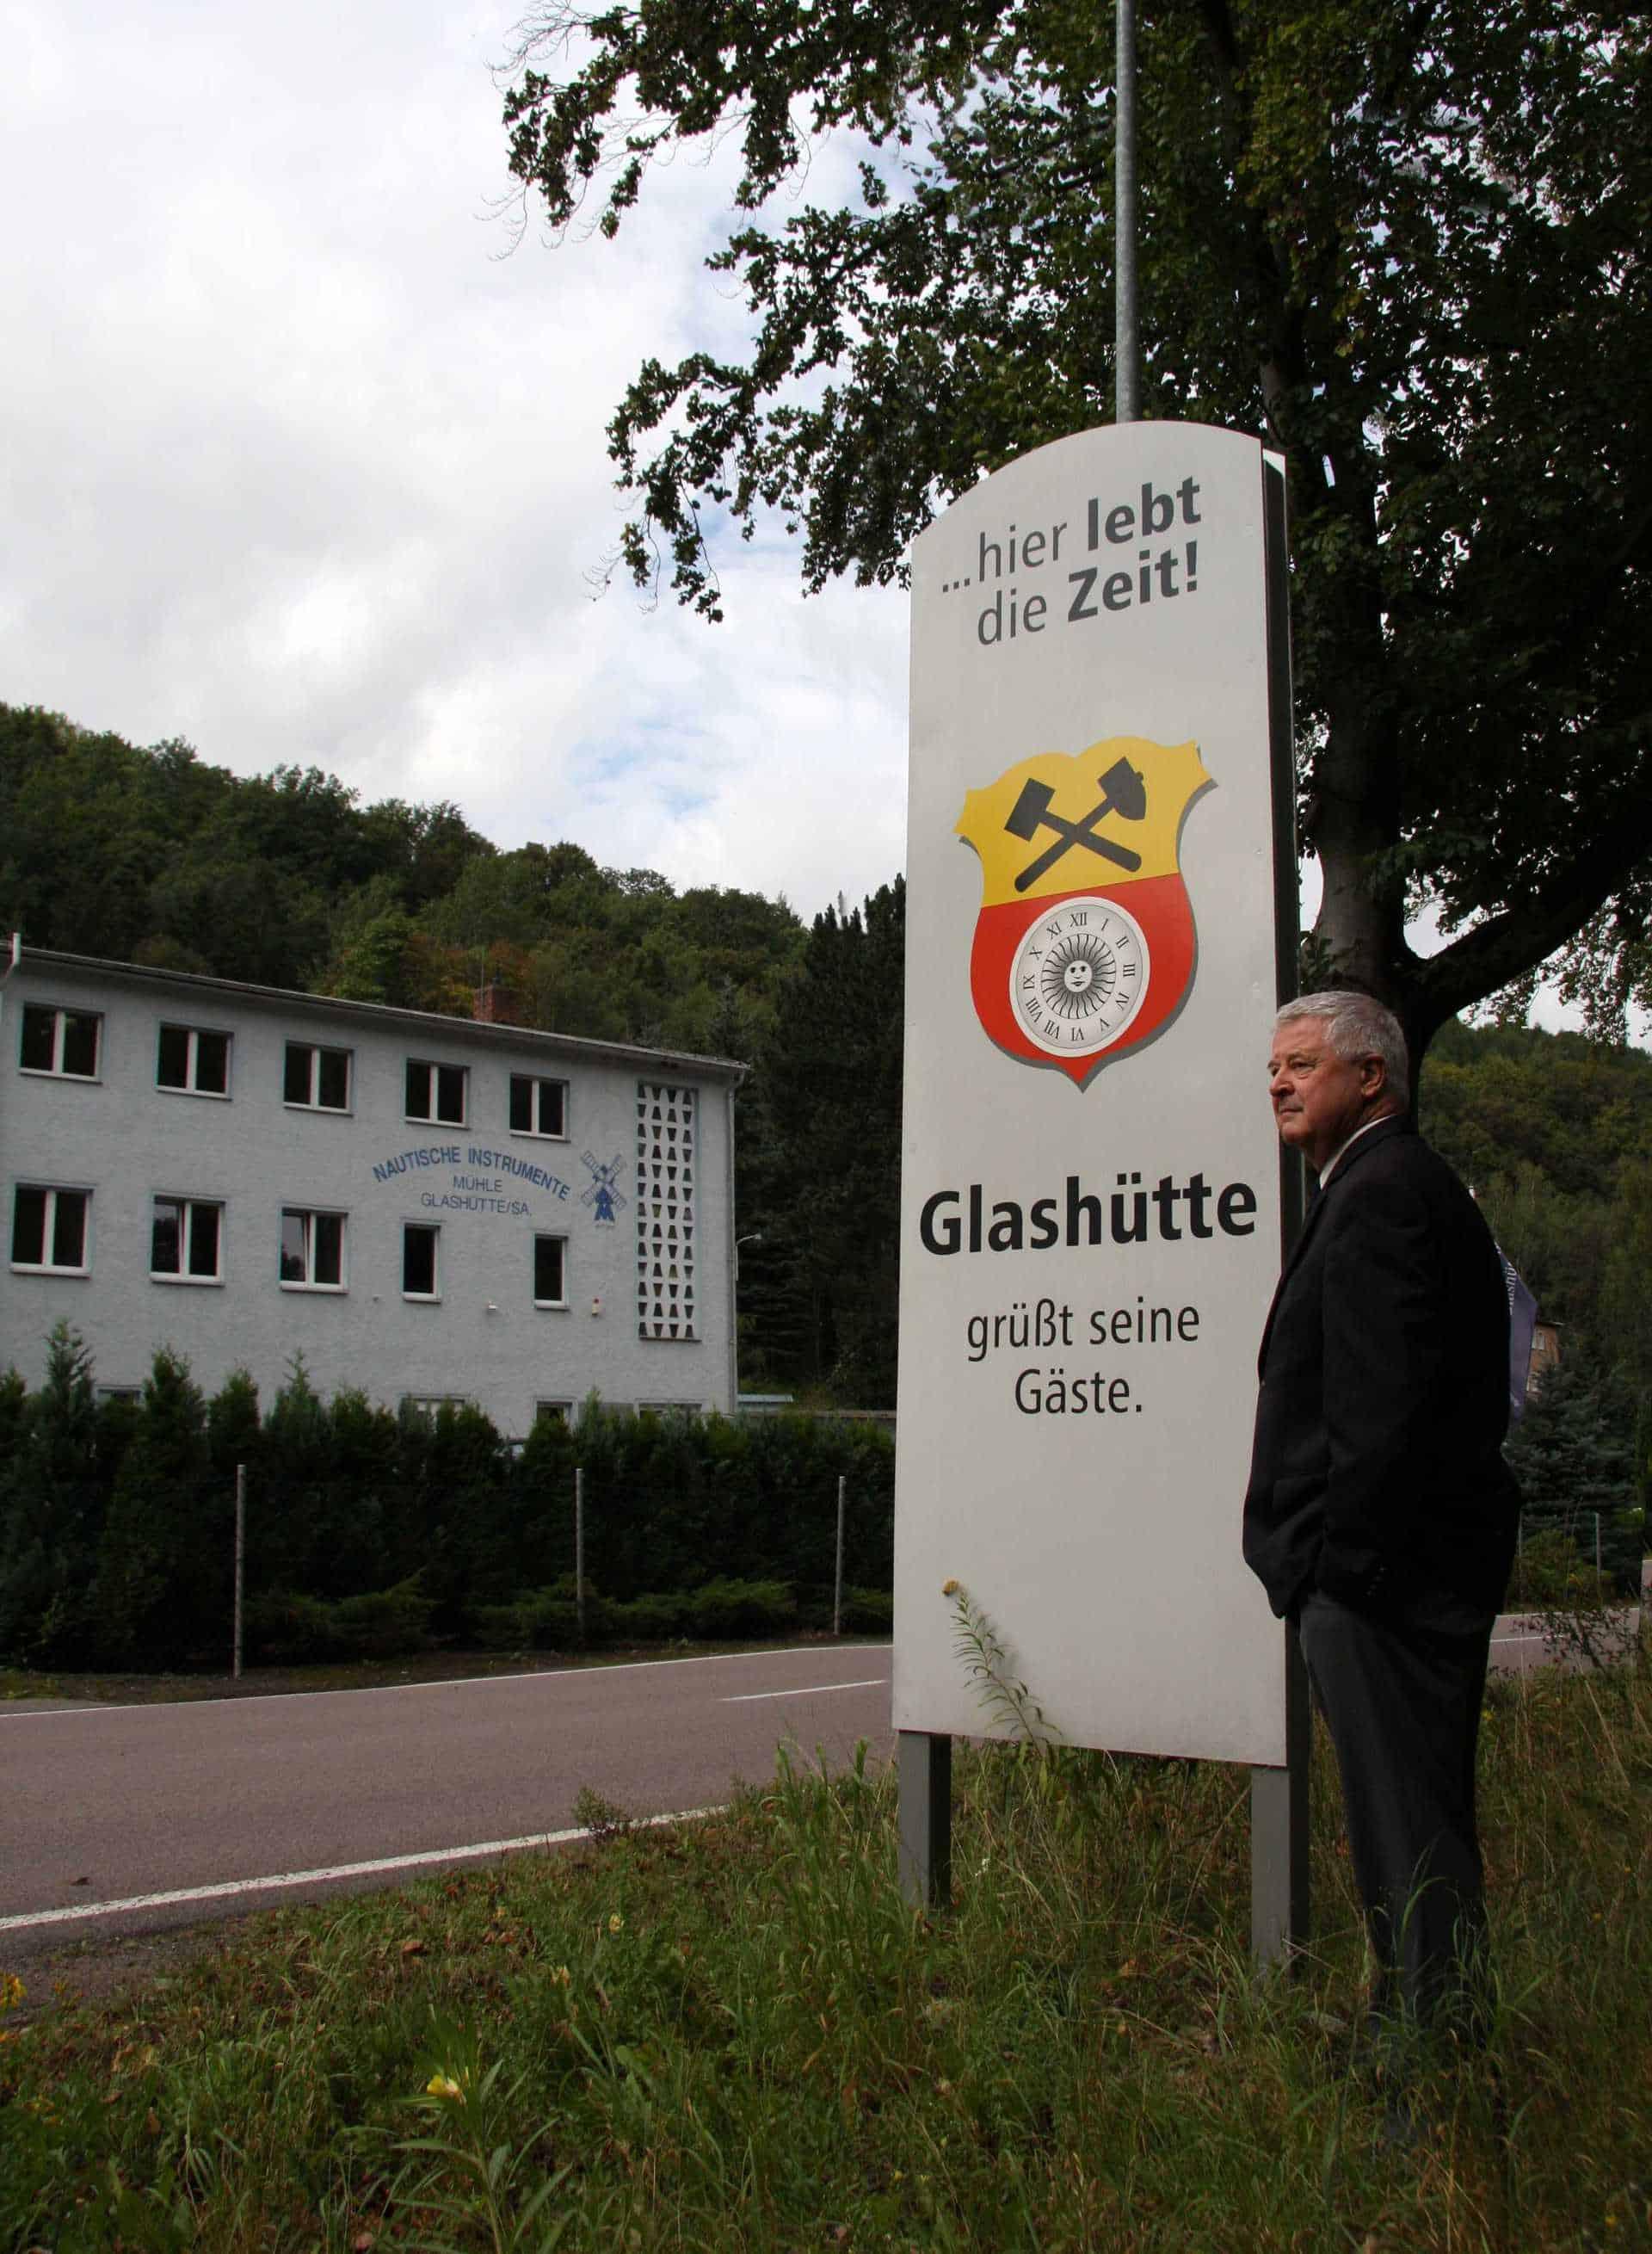 Mühle Glashütte mit Hans-Jürgen Mühle